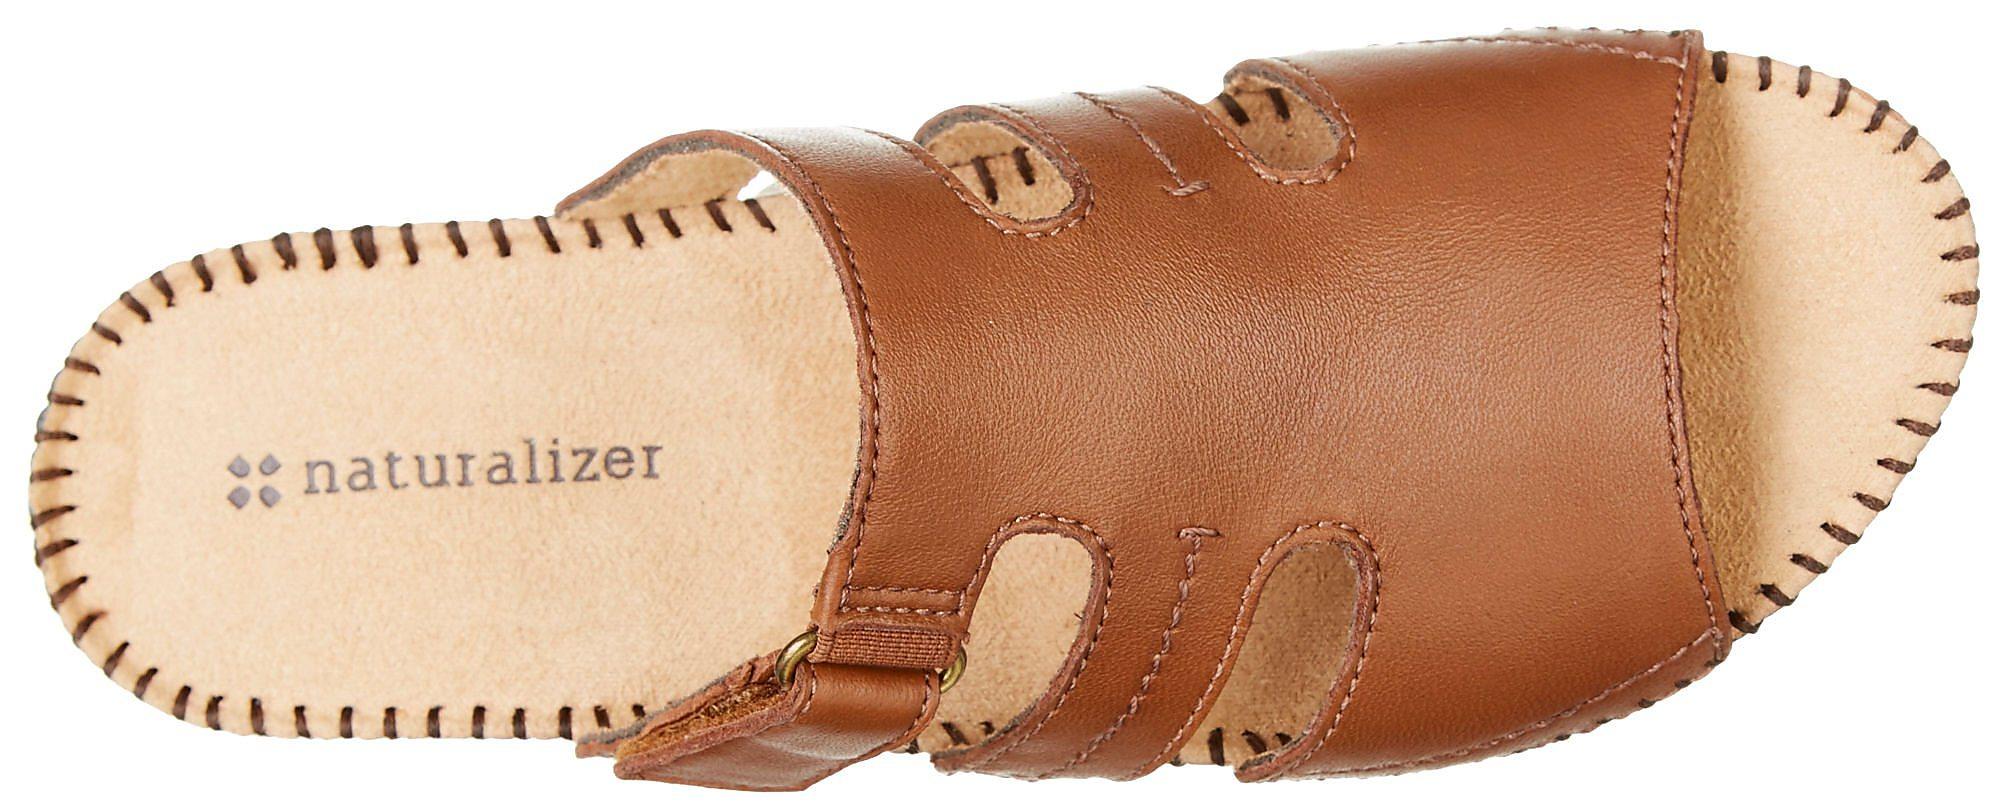 75c2d1a09af8 Naturalizer Womens Serene Sandals 6m Tan for sale online